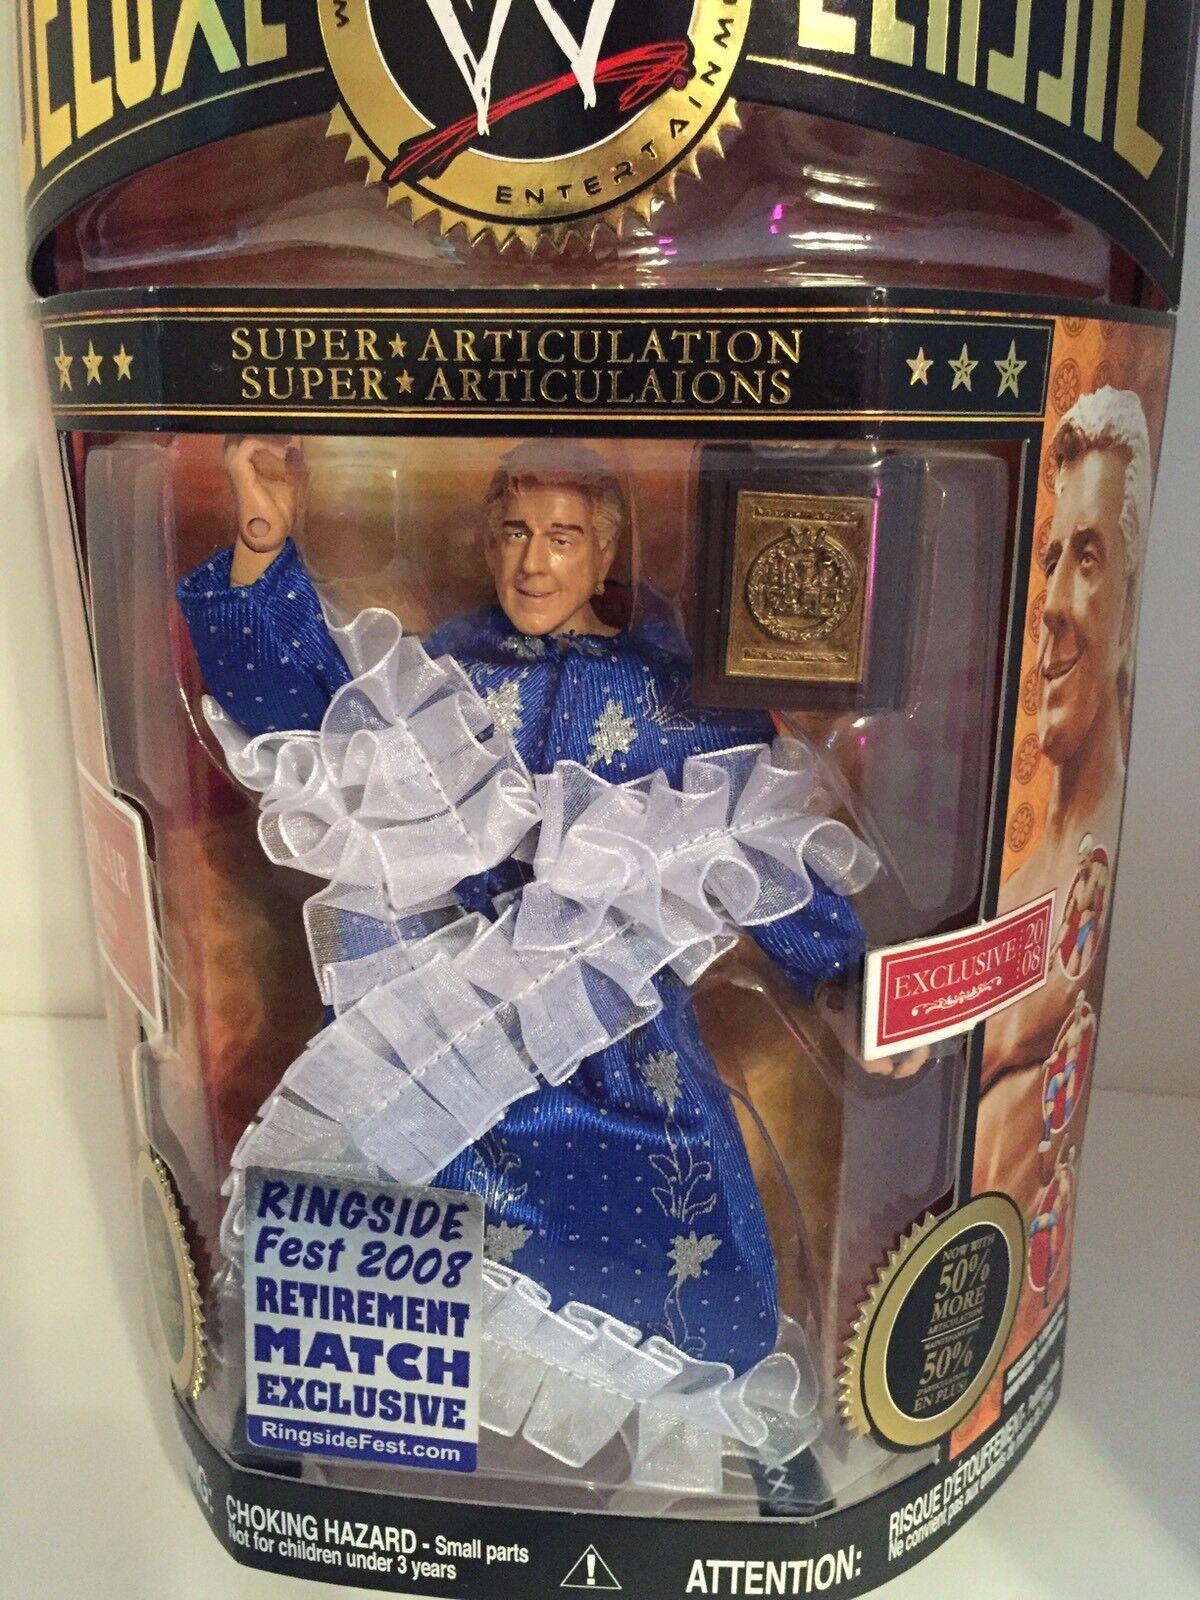 WWE Ric Flair wrestling figure Deluxe Classic Superstars Toy HOF WCW NWA WWF TNA